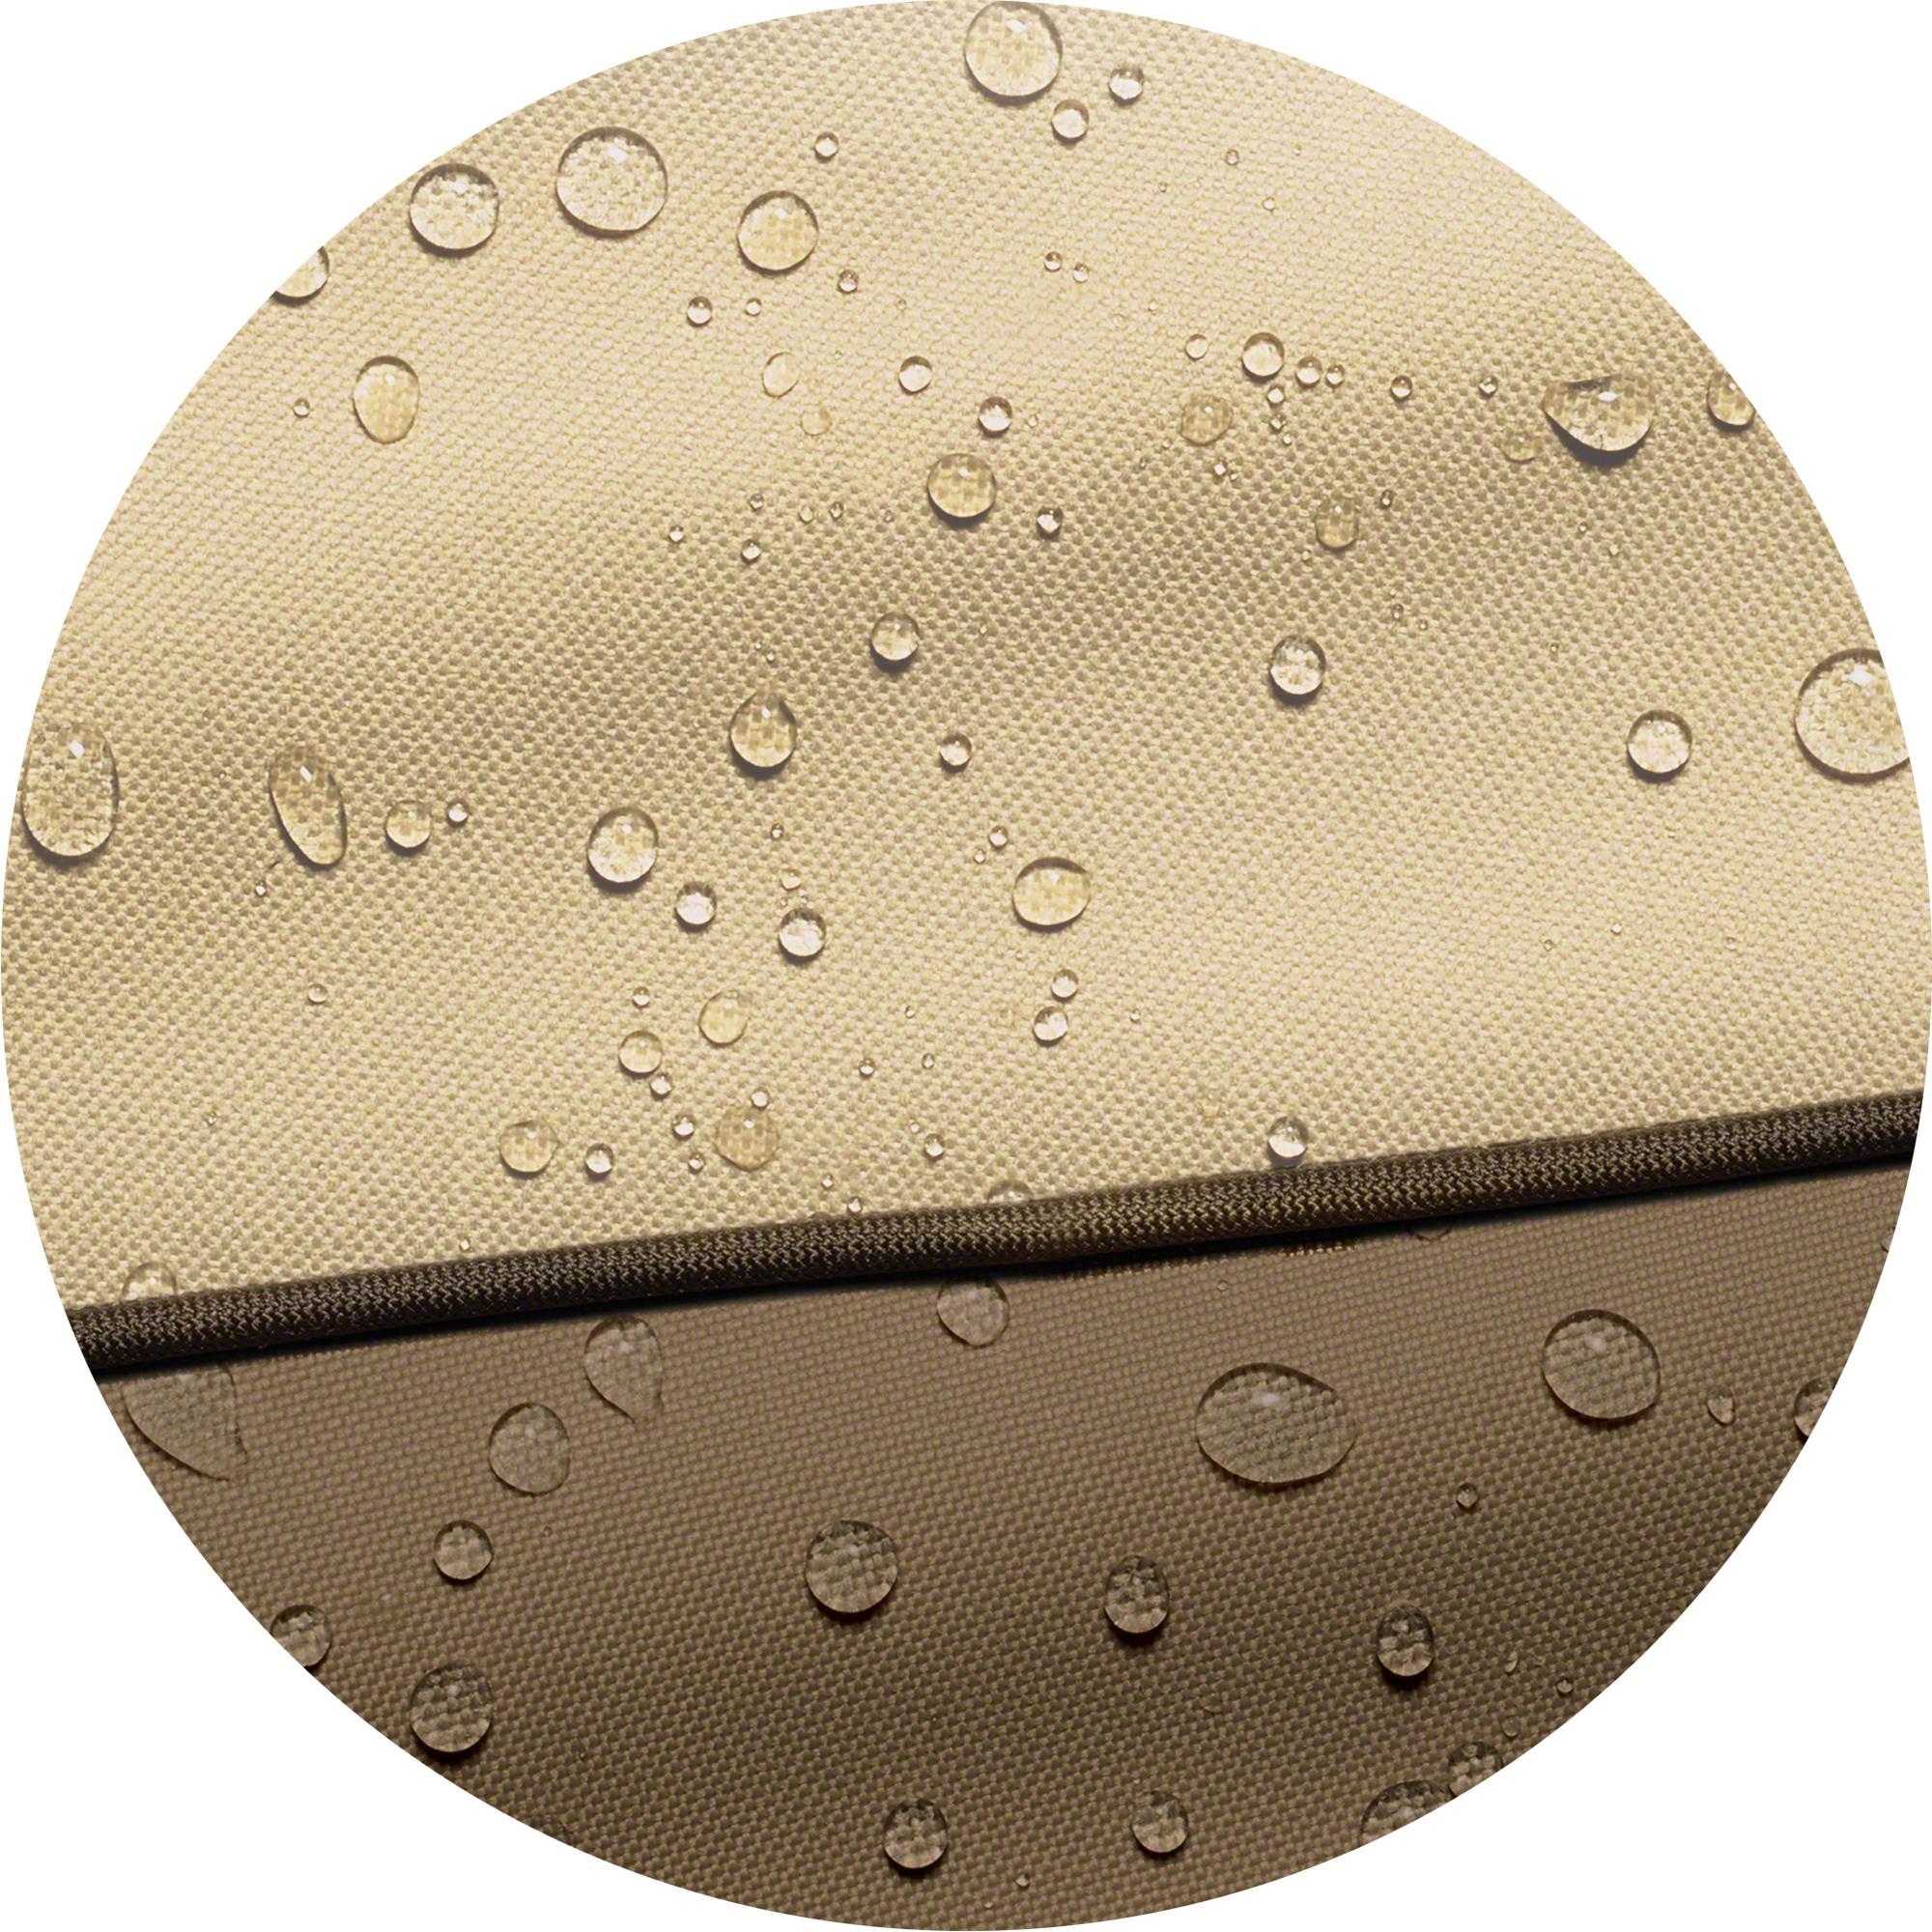 Heavy Duty Outdoor/ Indoor Waterproof and Dustproof Table Tennis Cover